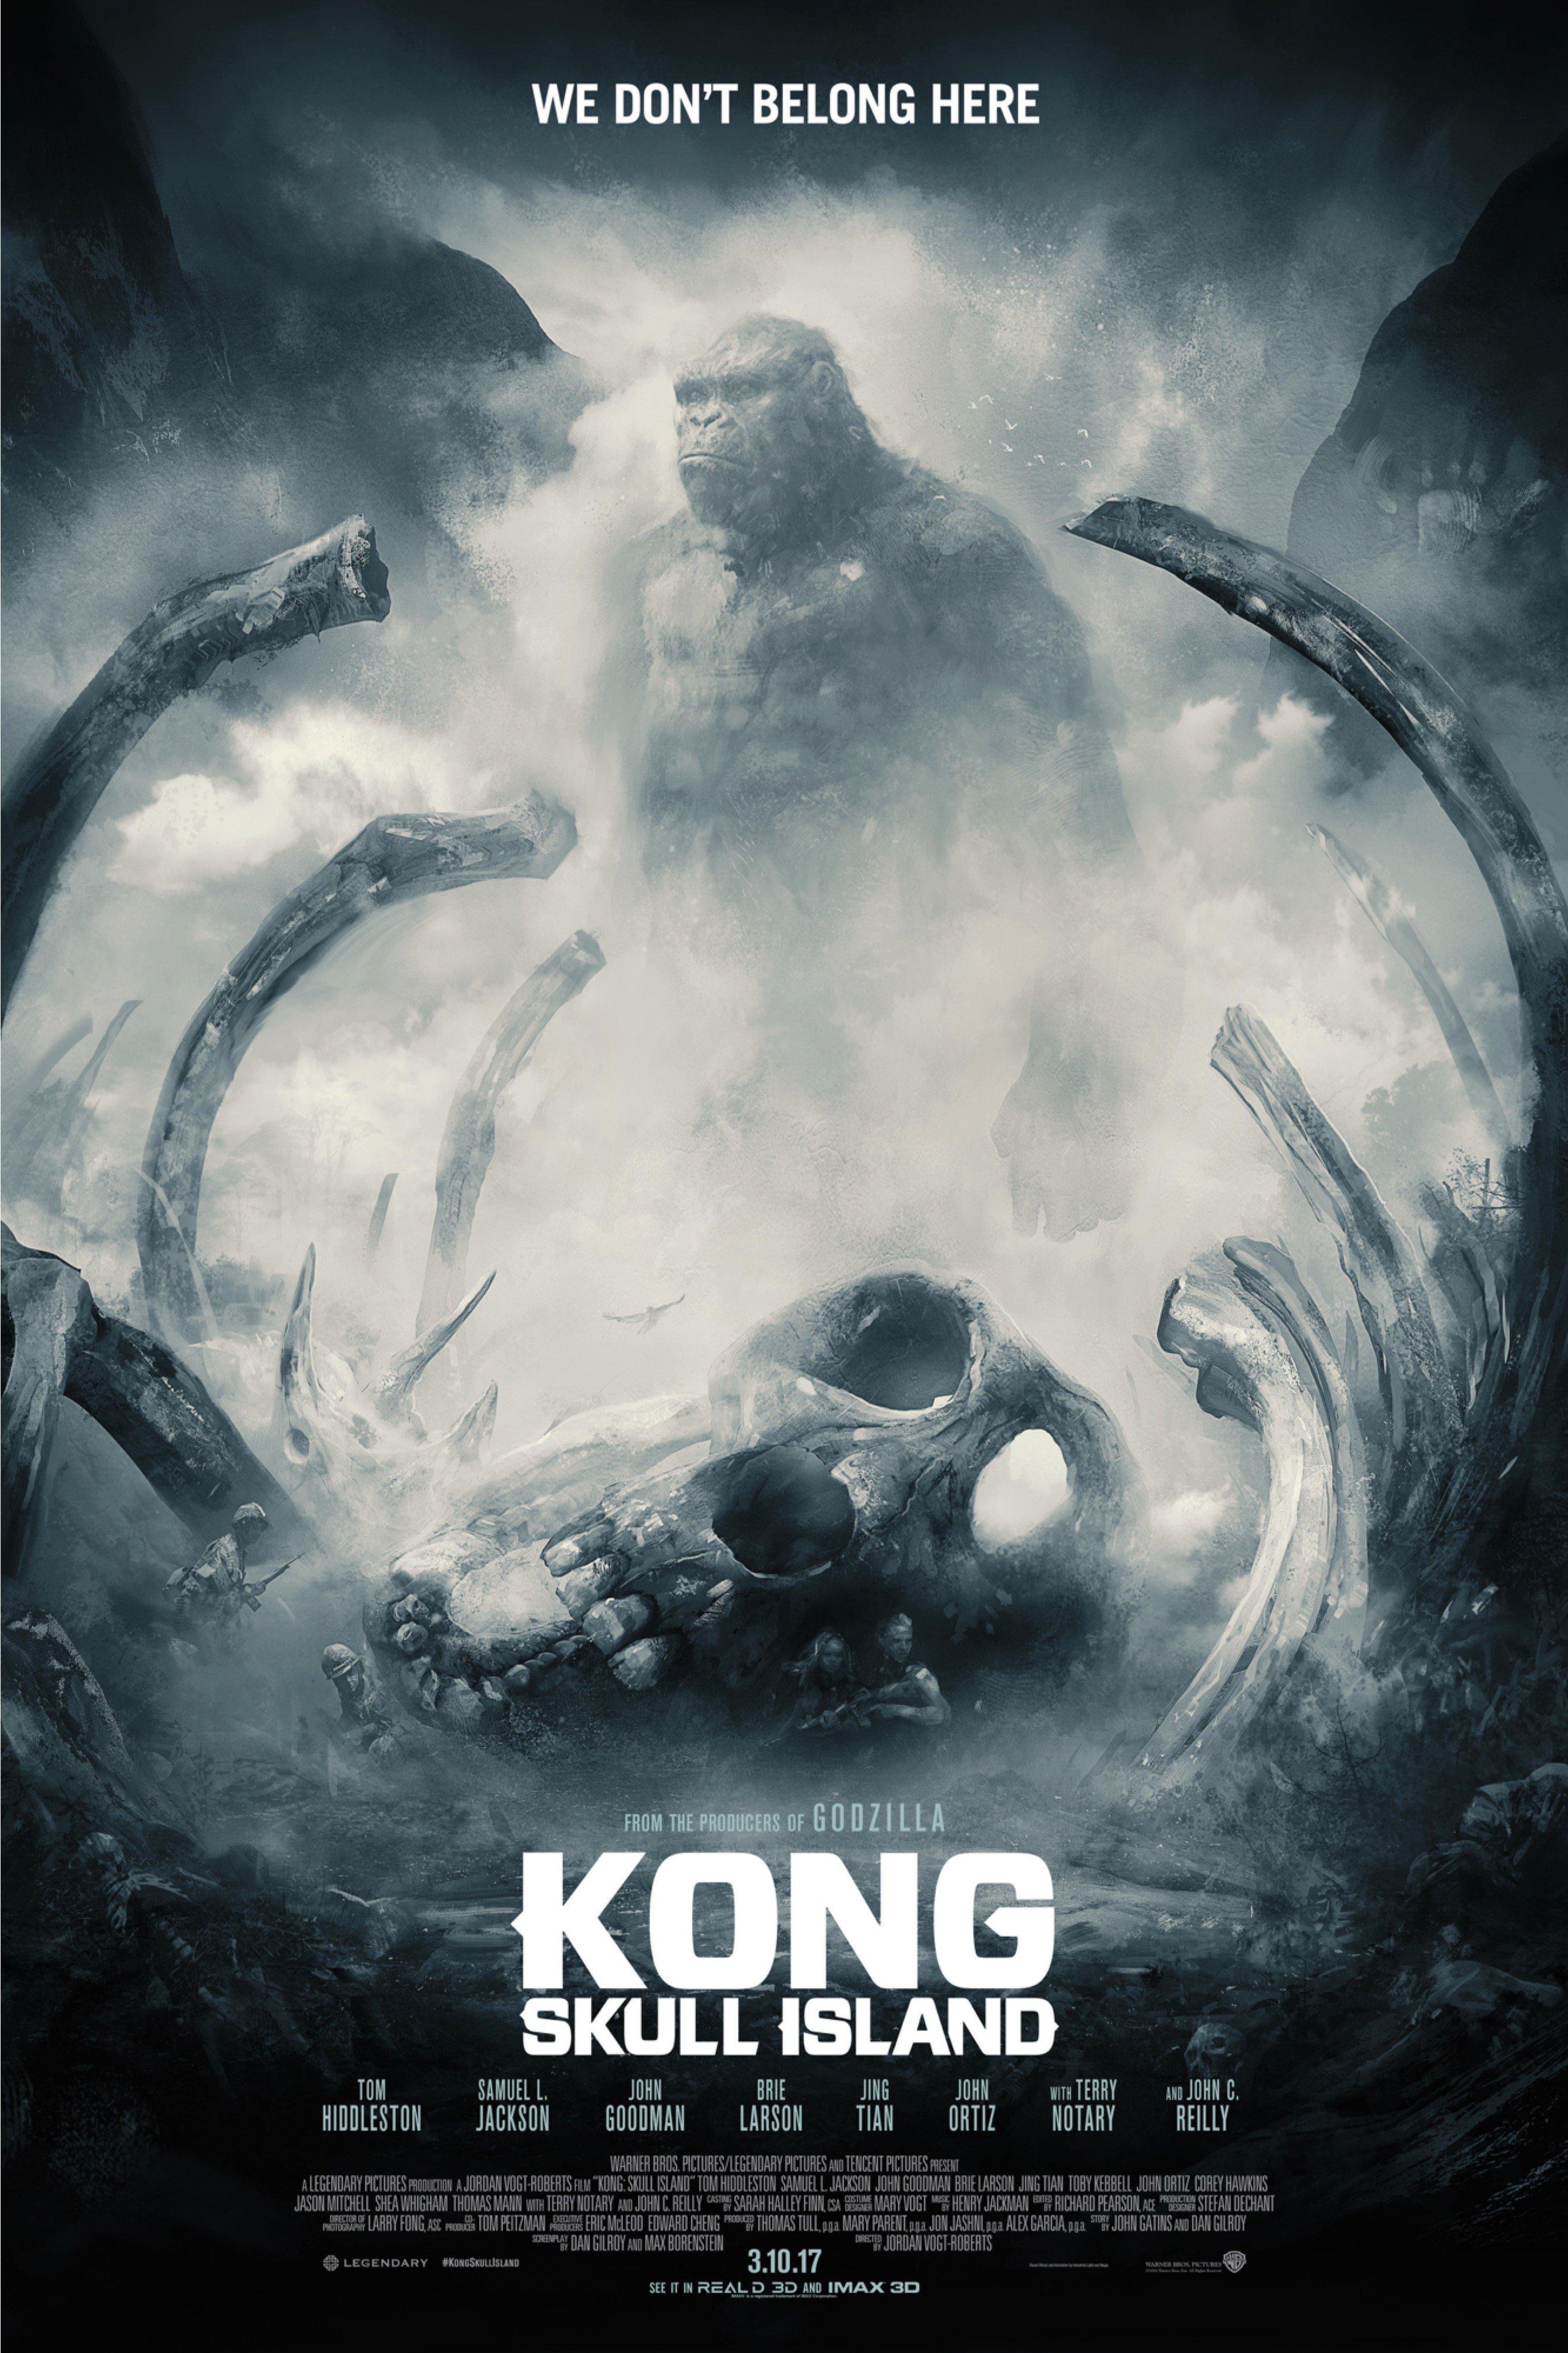 Taille De Kong Dans Skull Island